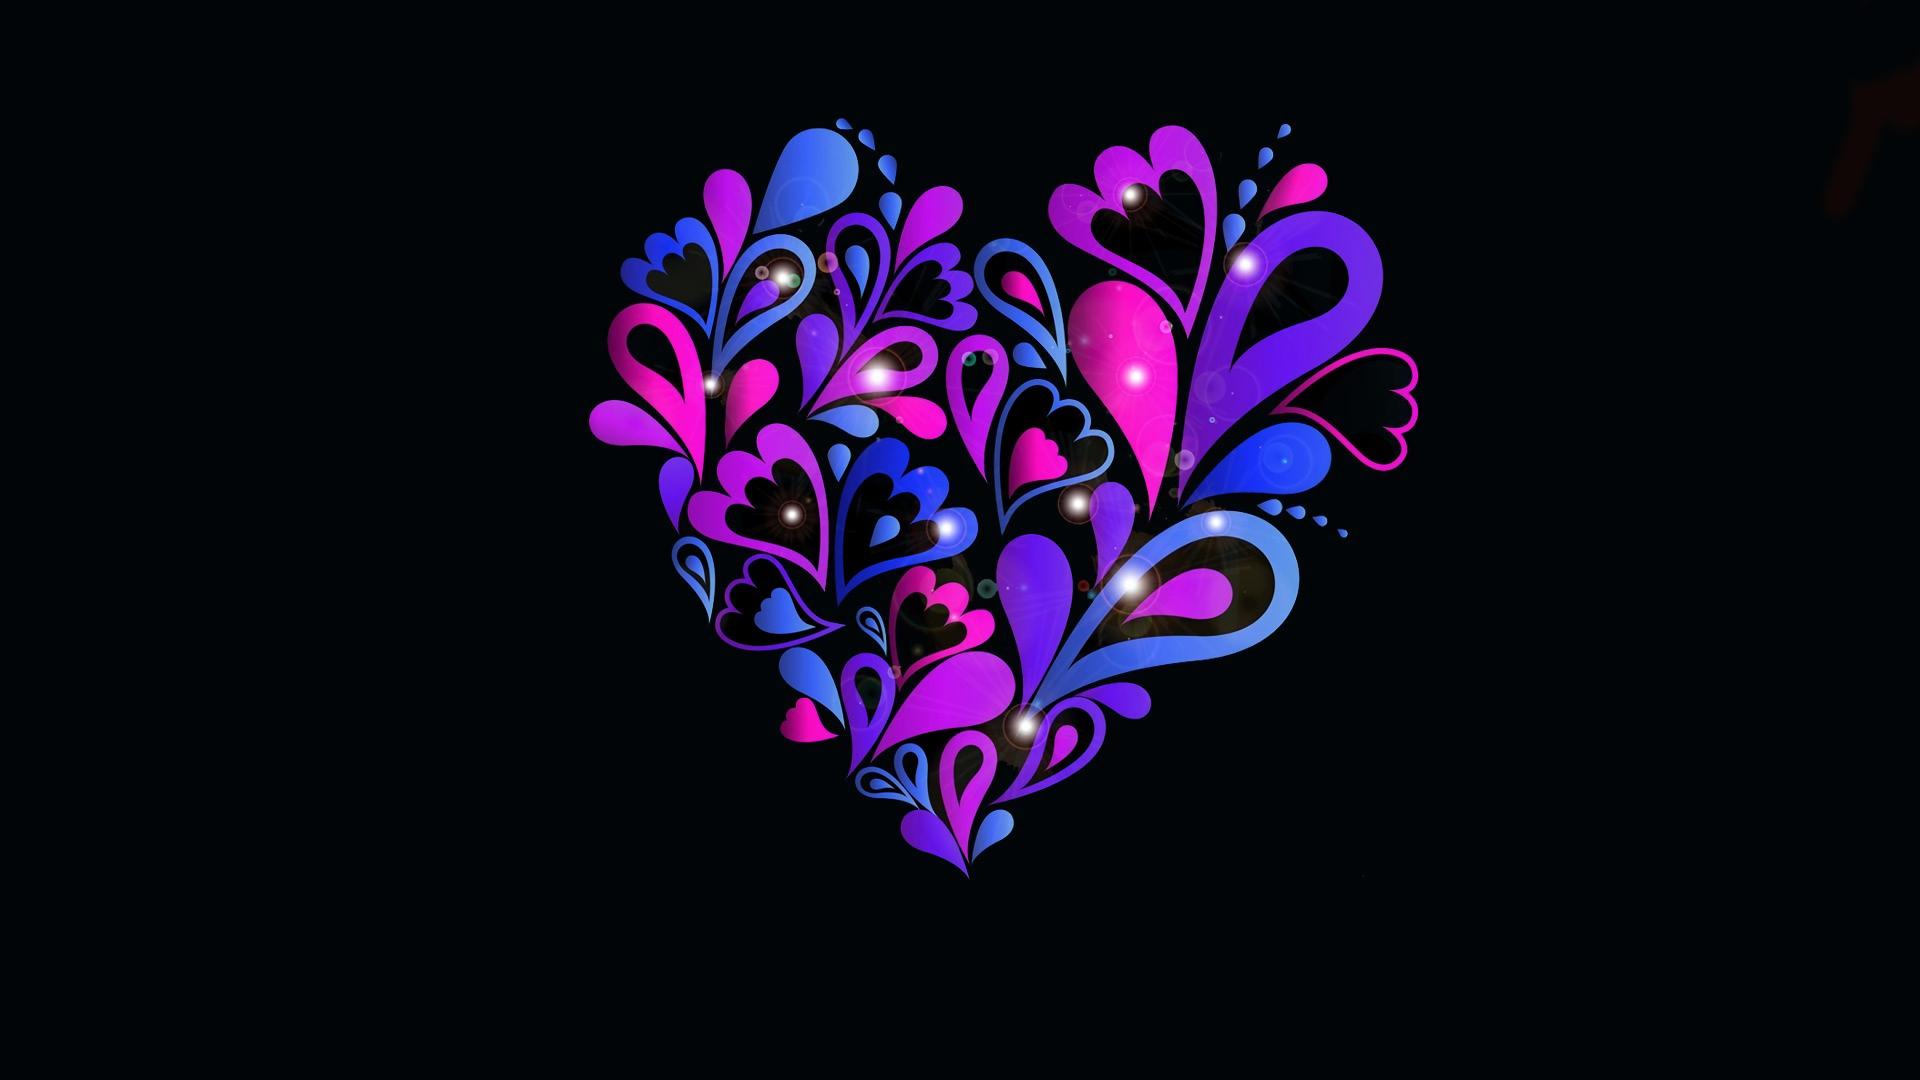 Hình nền hình trái tim